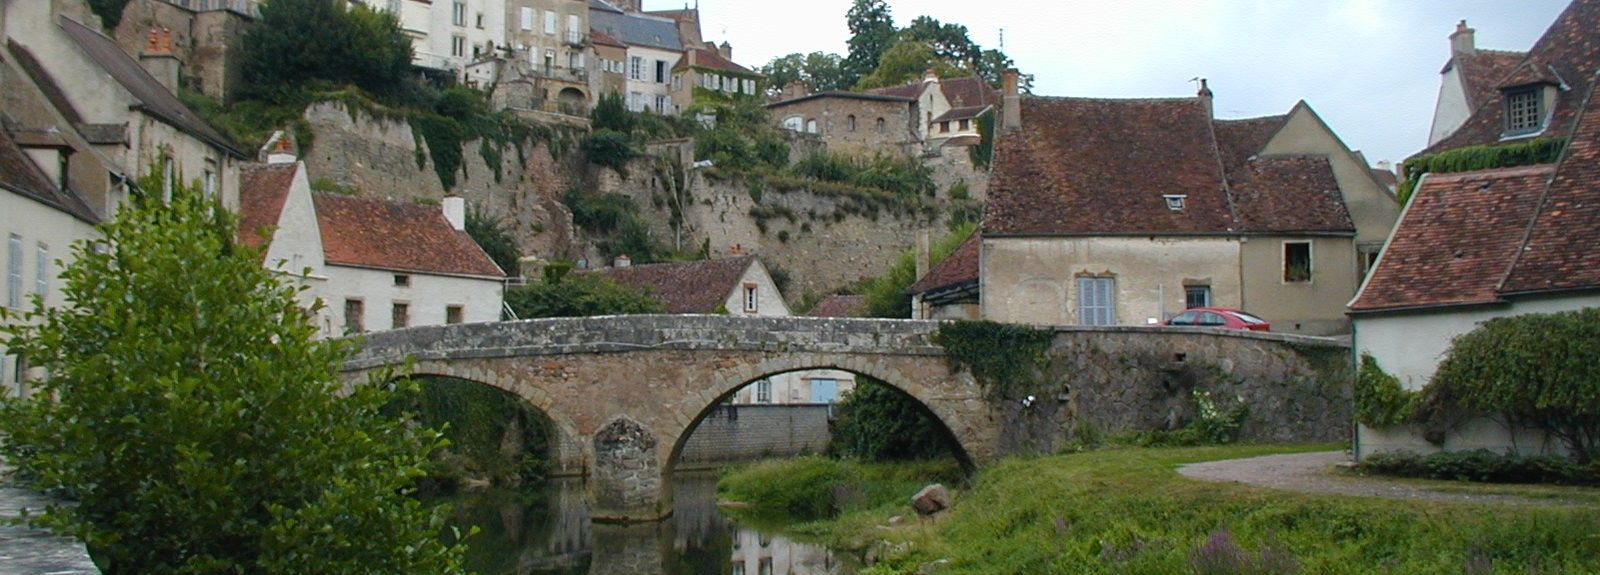 Sainte-Colombe-en-Auxois, Côte-d'Or (département), France